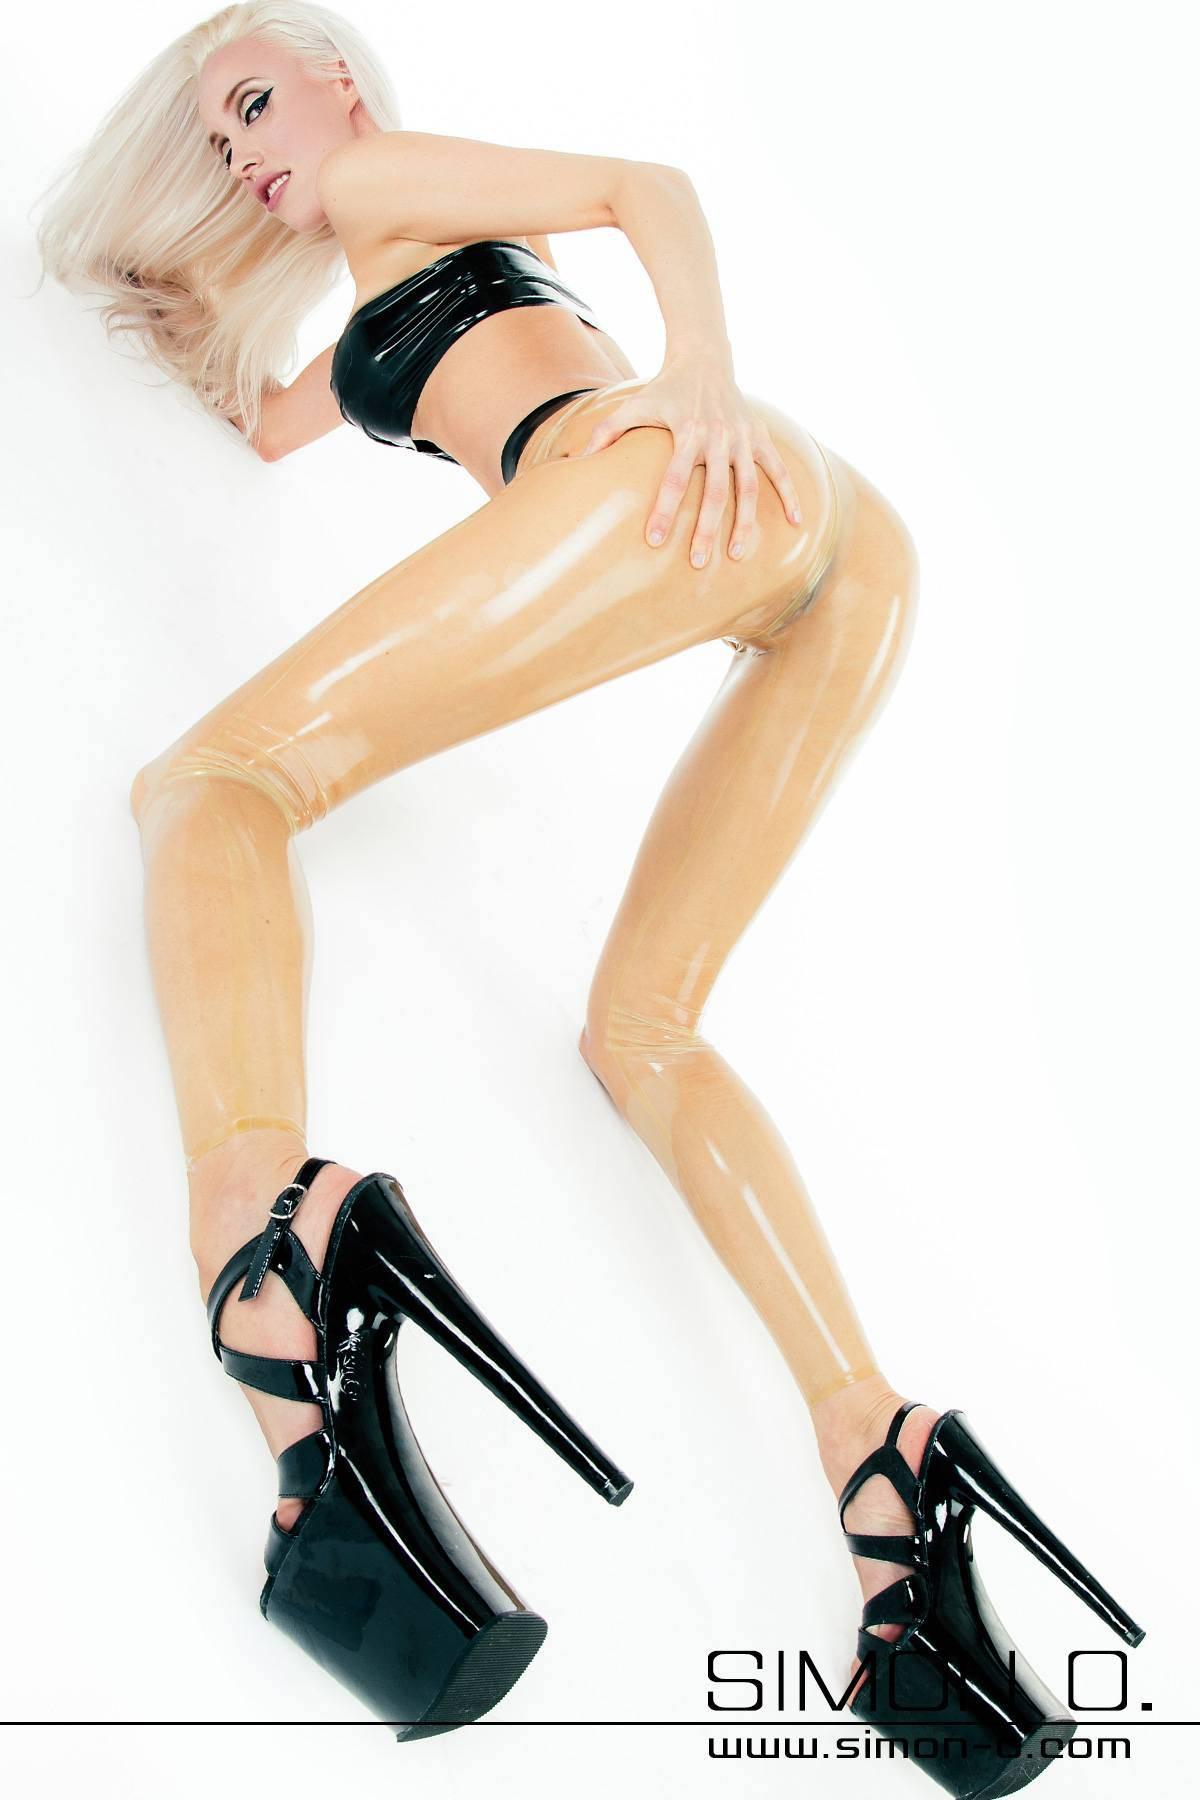 """Hautenge durchsichtige Latex Leggings Diese transparente, hautenge Latex-Leggings besticht durch ihren sexy """"Cameltoe""""-Effekt. Die Leggings wird aus feinstem …"""